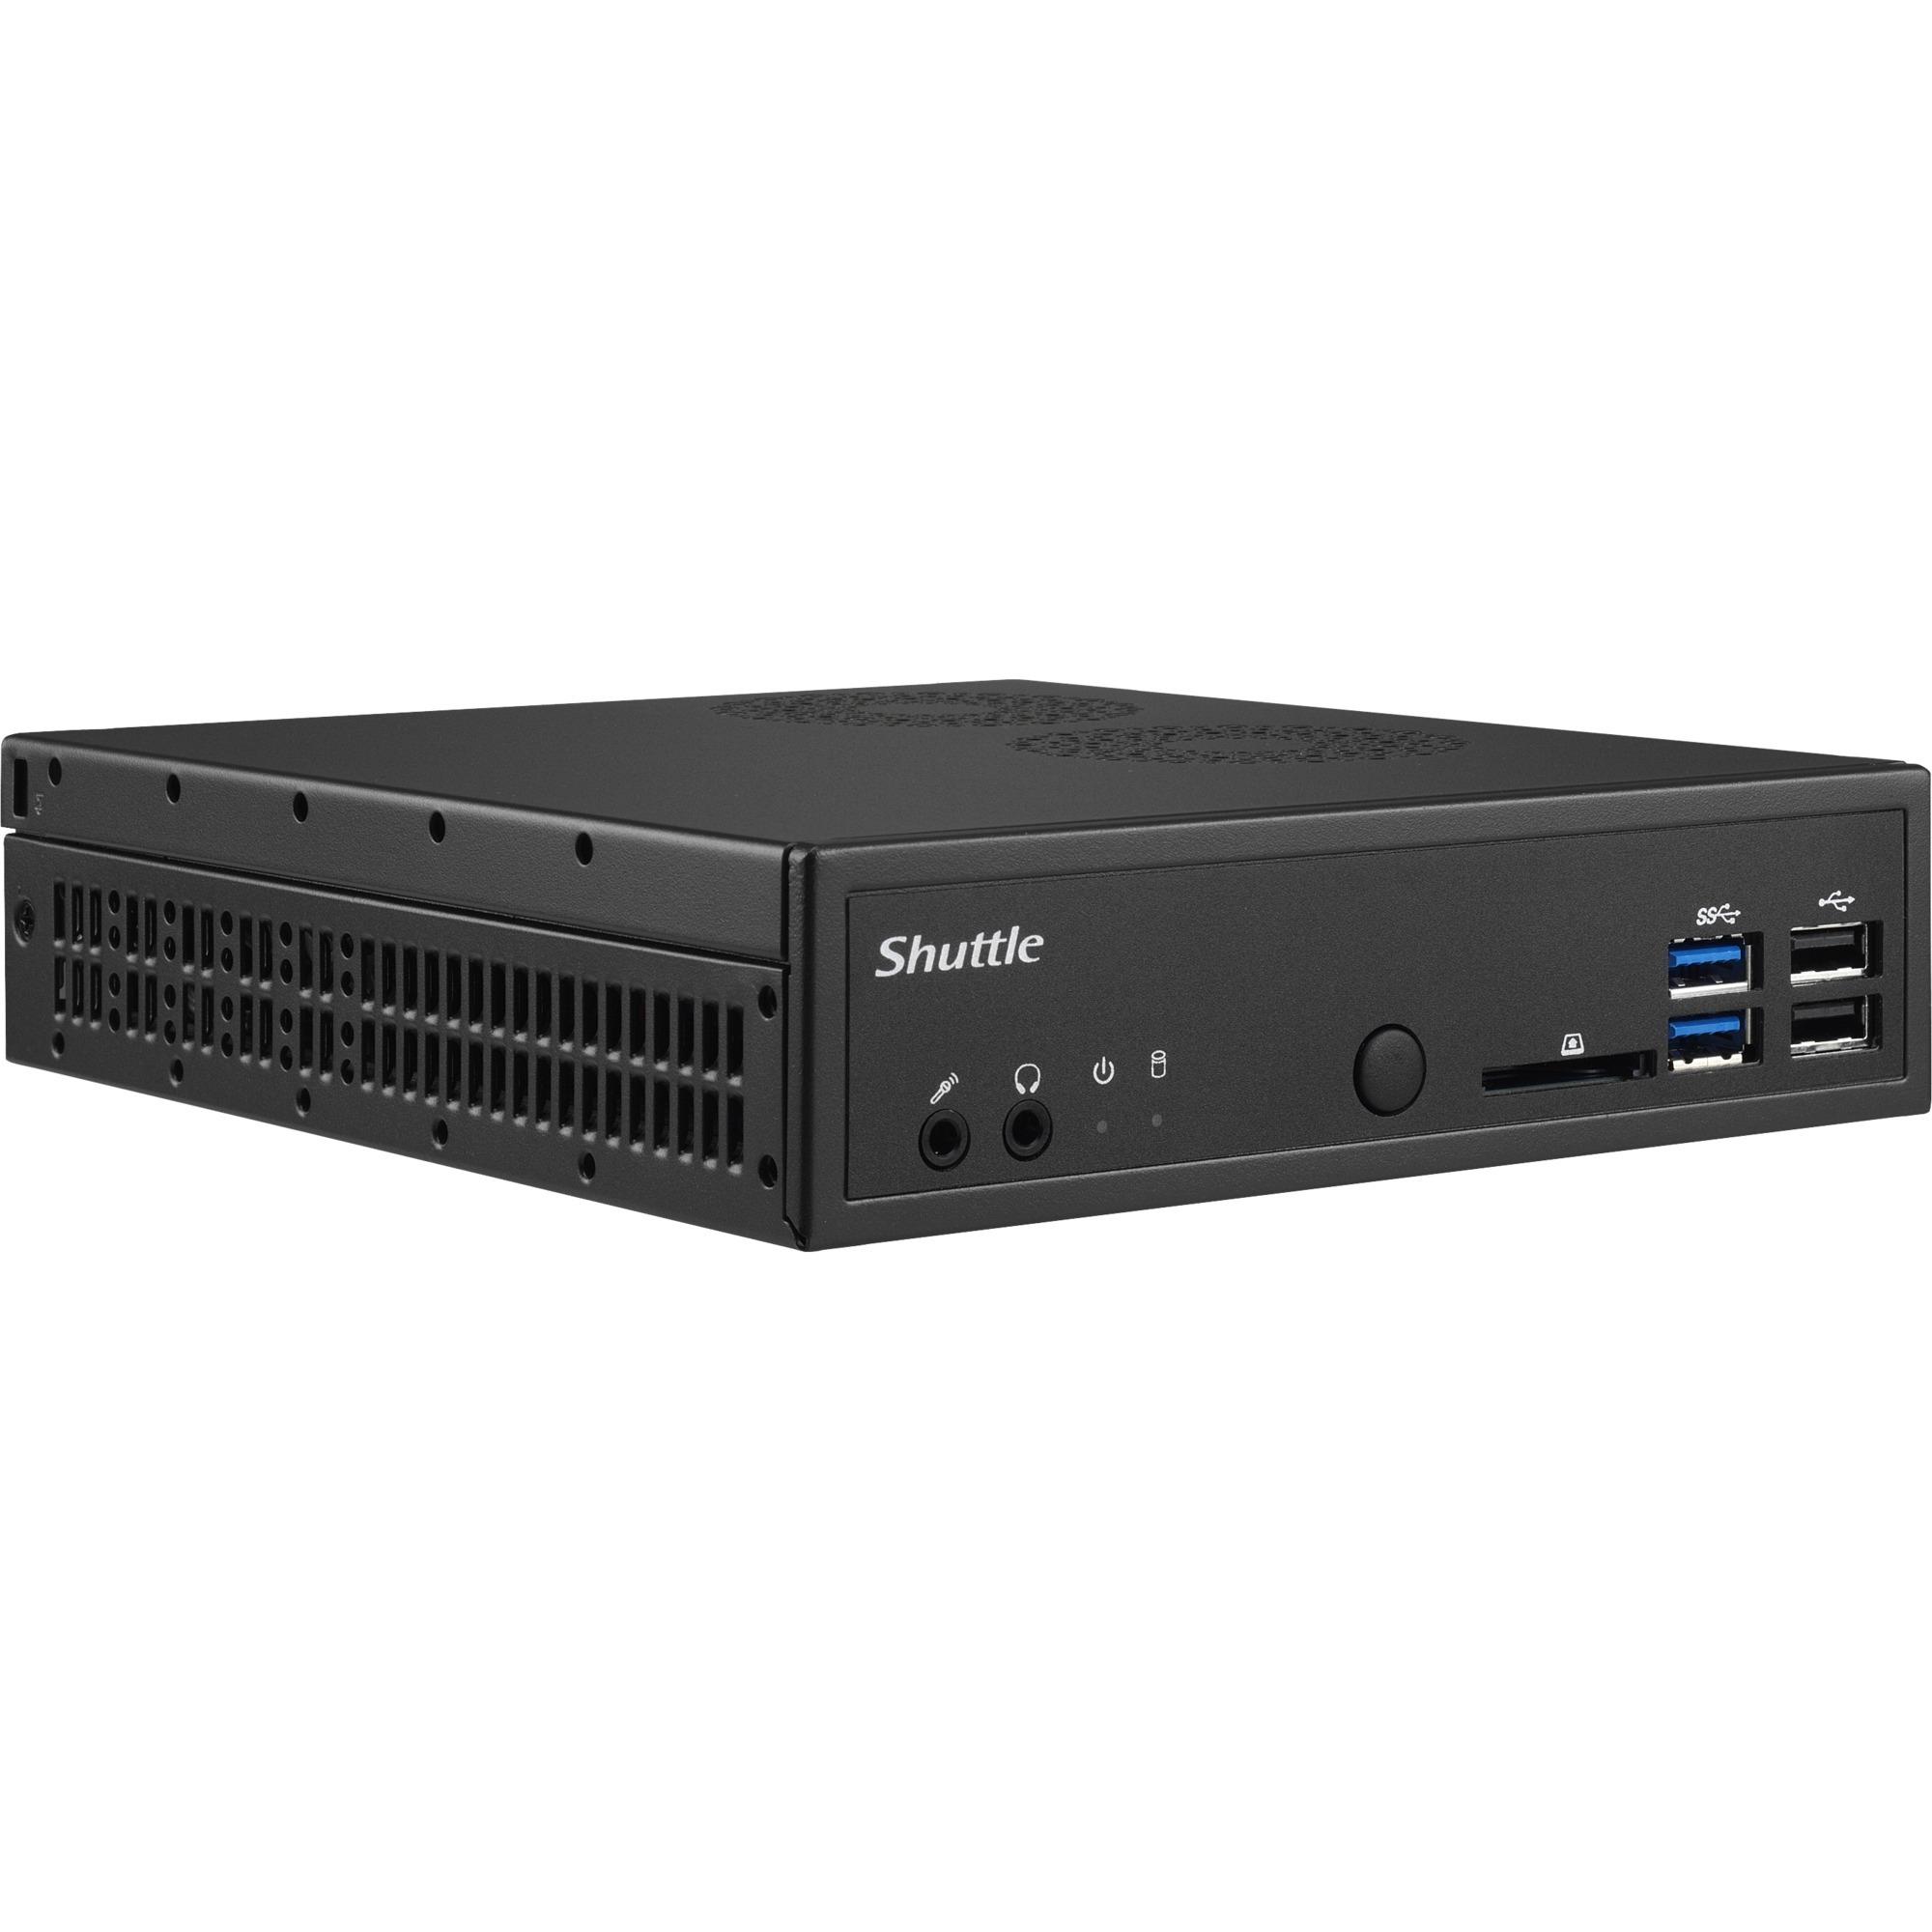 DH110SE PC/estación de trabajo barebone Intel H110 LGA 1151 (Zócalo H4) Nettop Negro